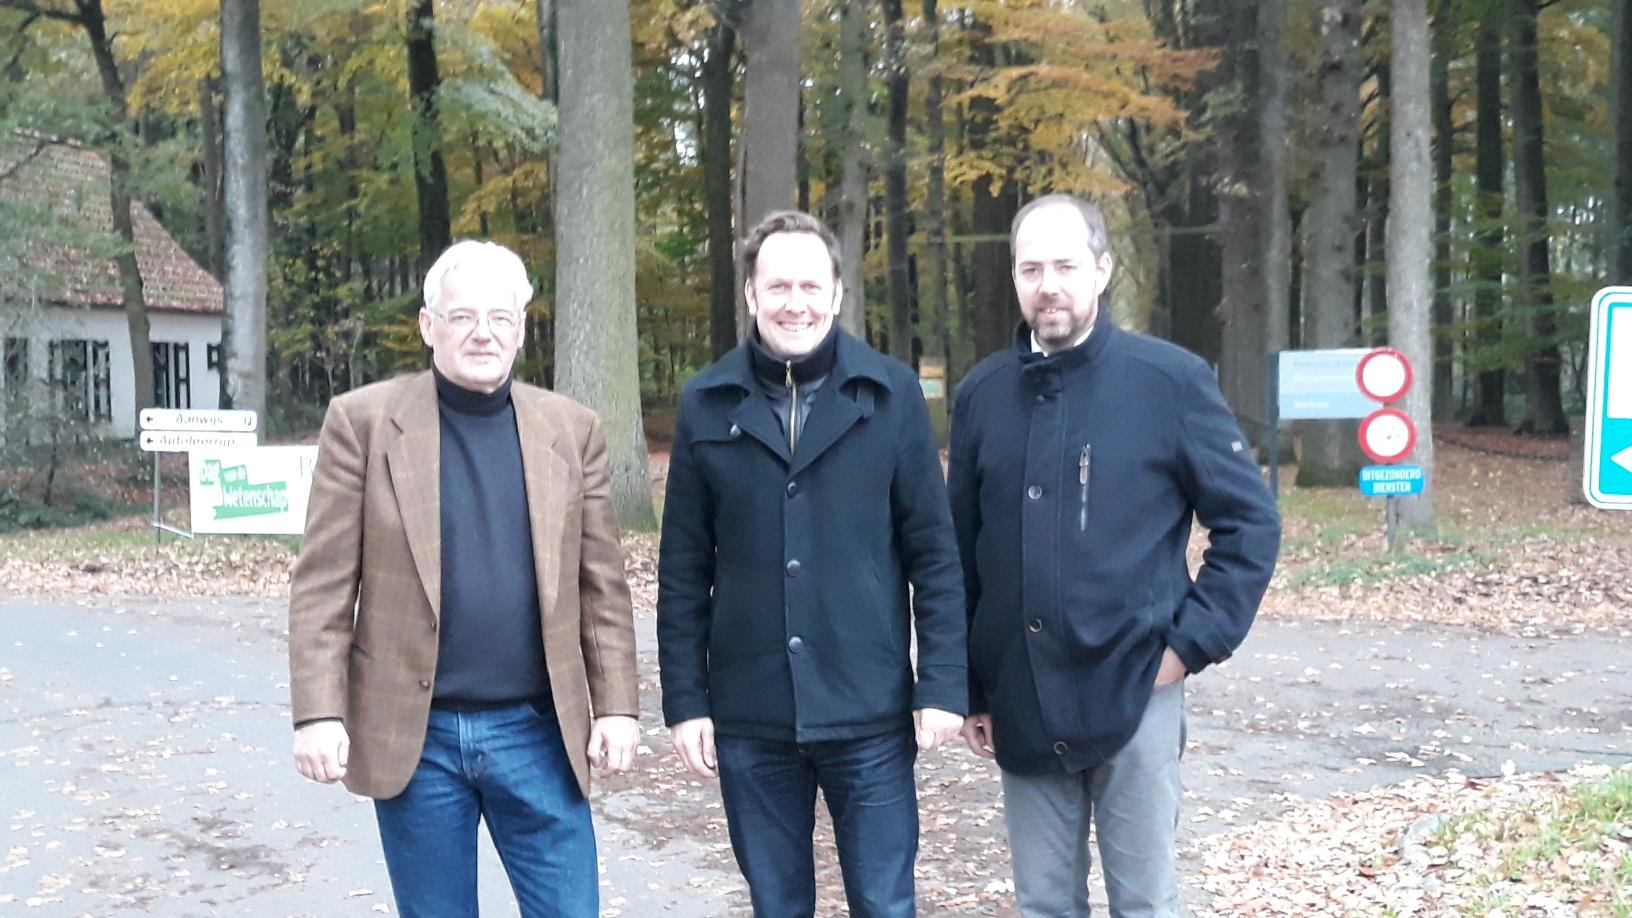 Schpen van Toerisme Jan Vanasschen (GROEN), Burgemeester Jos Sypré tCD&V), Schepen van Openbare Werken Claudio Saelens (CD&V)